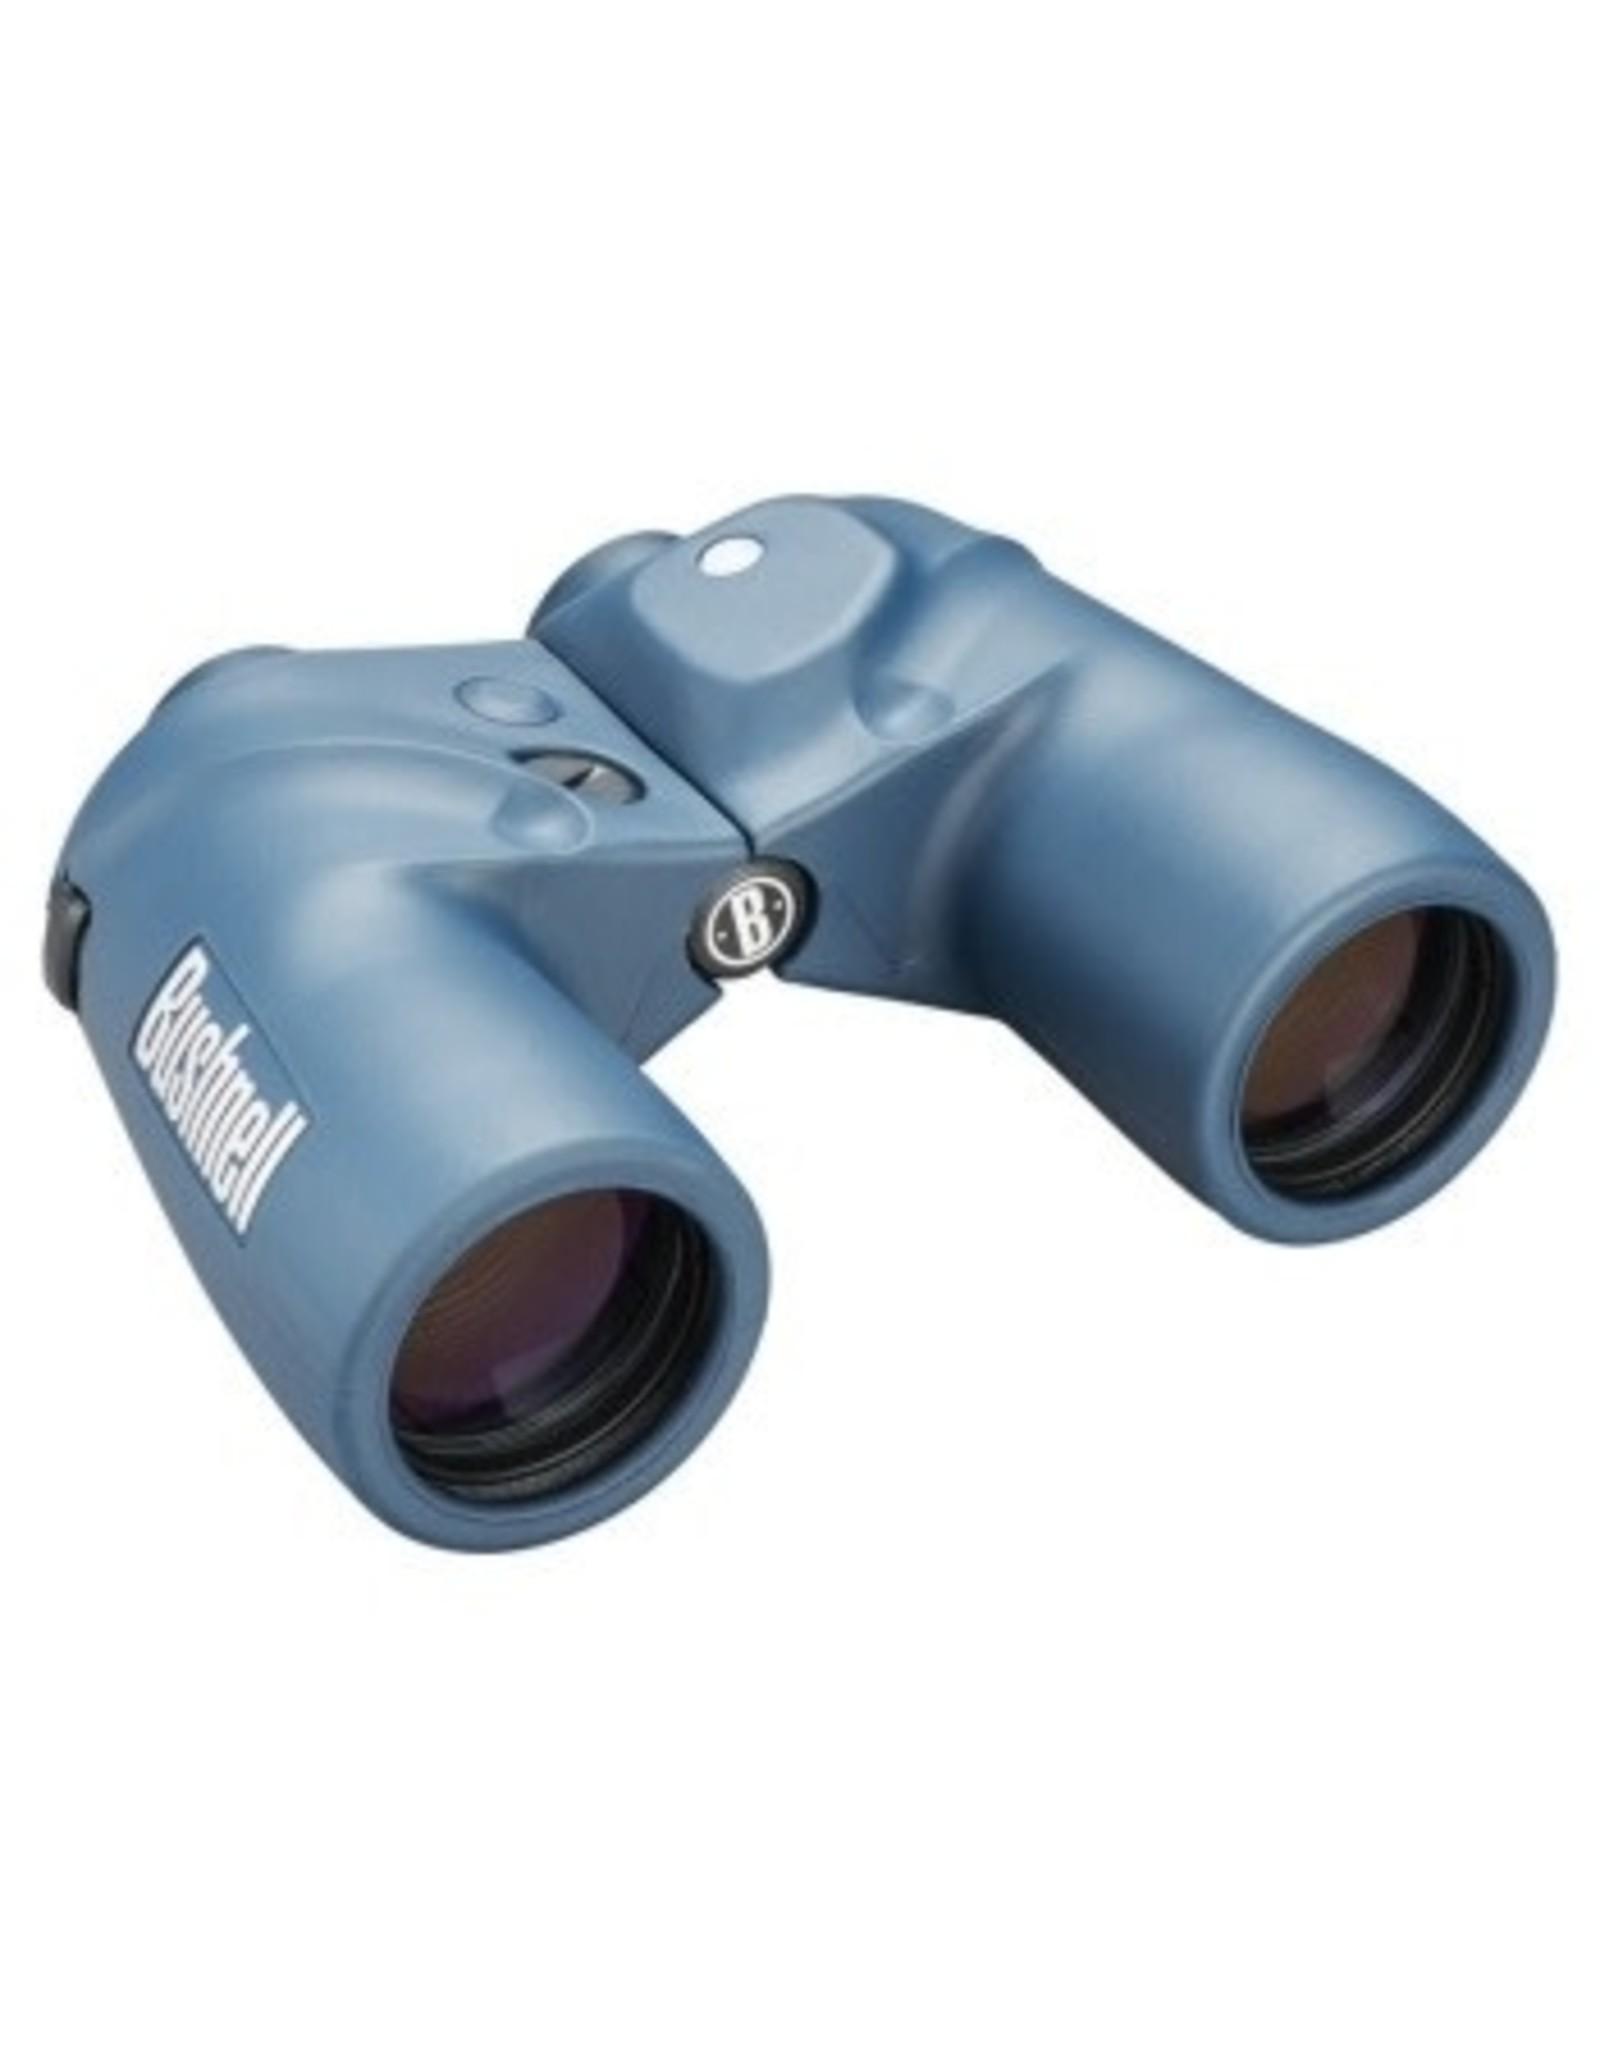 BUSHNELL OUTDOOR PRODUCTS Bushnell 137500 Marine Binocular